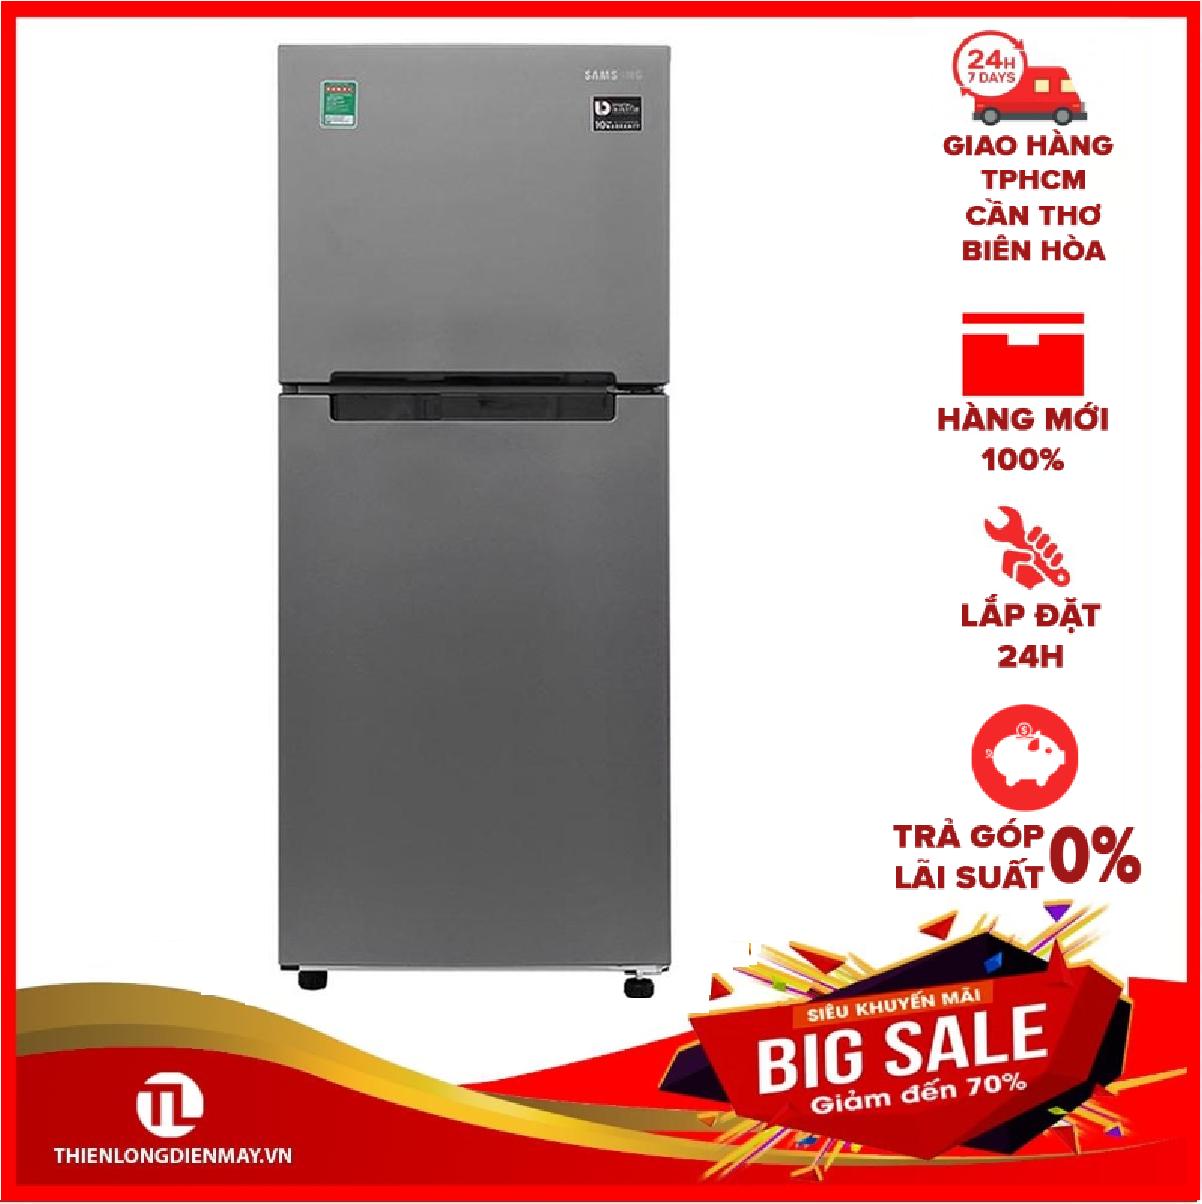 TRẢ GÓP 0% – Tủ lạnh Samsung Inverter 208 lít RT19M300BGS/SV, Công nghệ Deodorizer kháng khuẩn, khử mùi, làm lạnh hiệu quả với luồng khí lạnh đa chiều – Bảo hành 12 tháng.